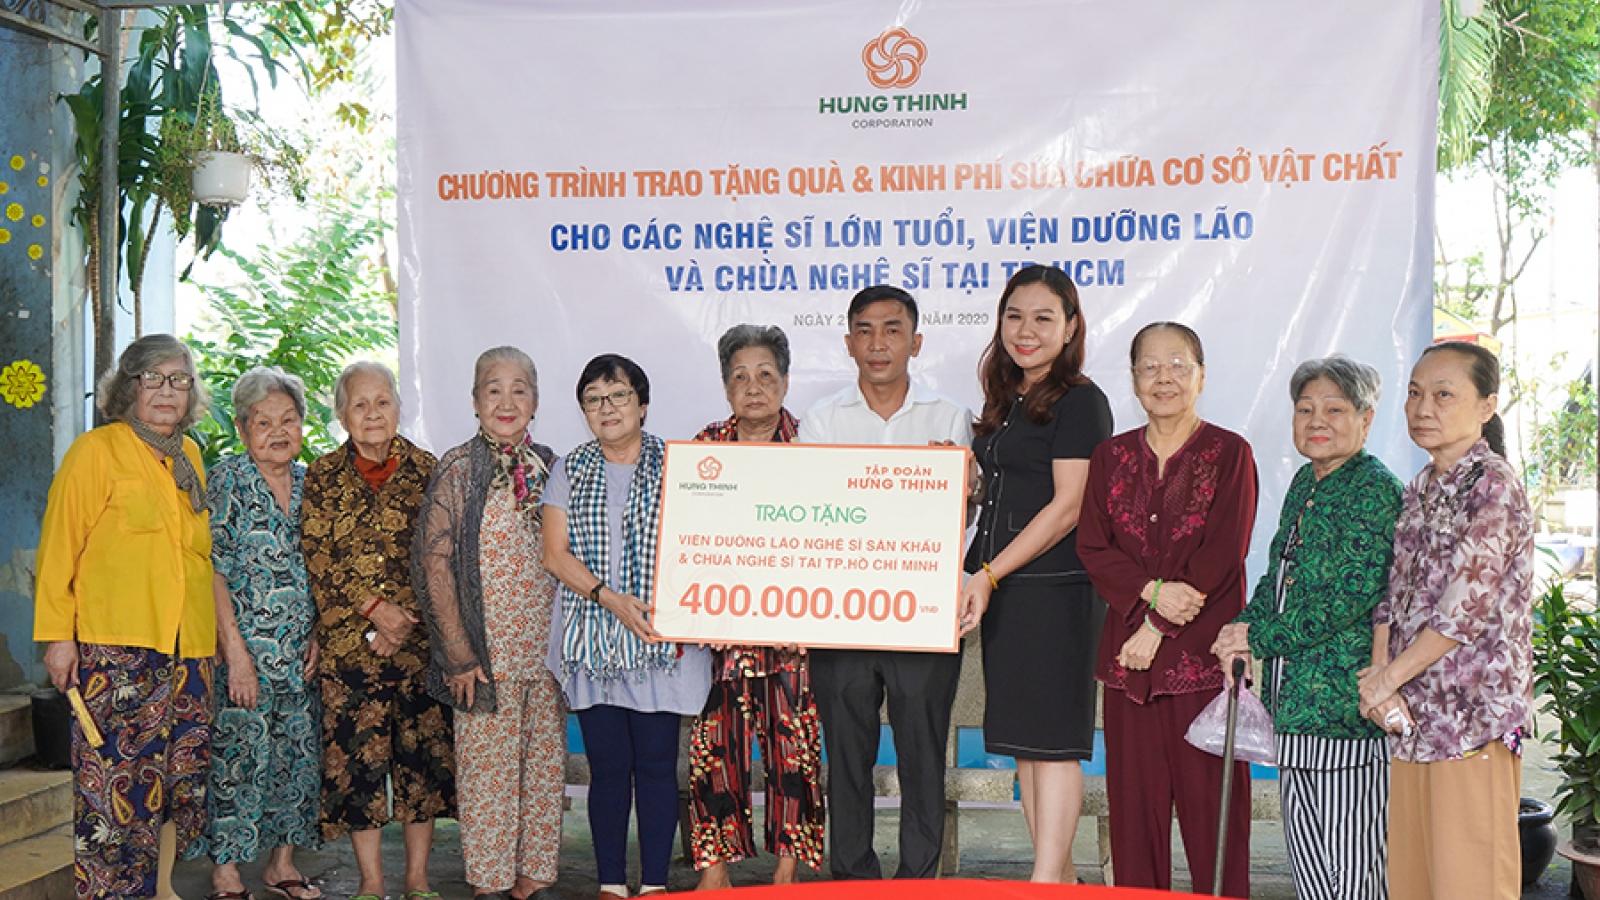 Tập đoàn Hưng Thịnh tặng quà cho Viện dưỡng lão nghệ sĩ và Chùa Nghệ sĩ